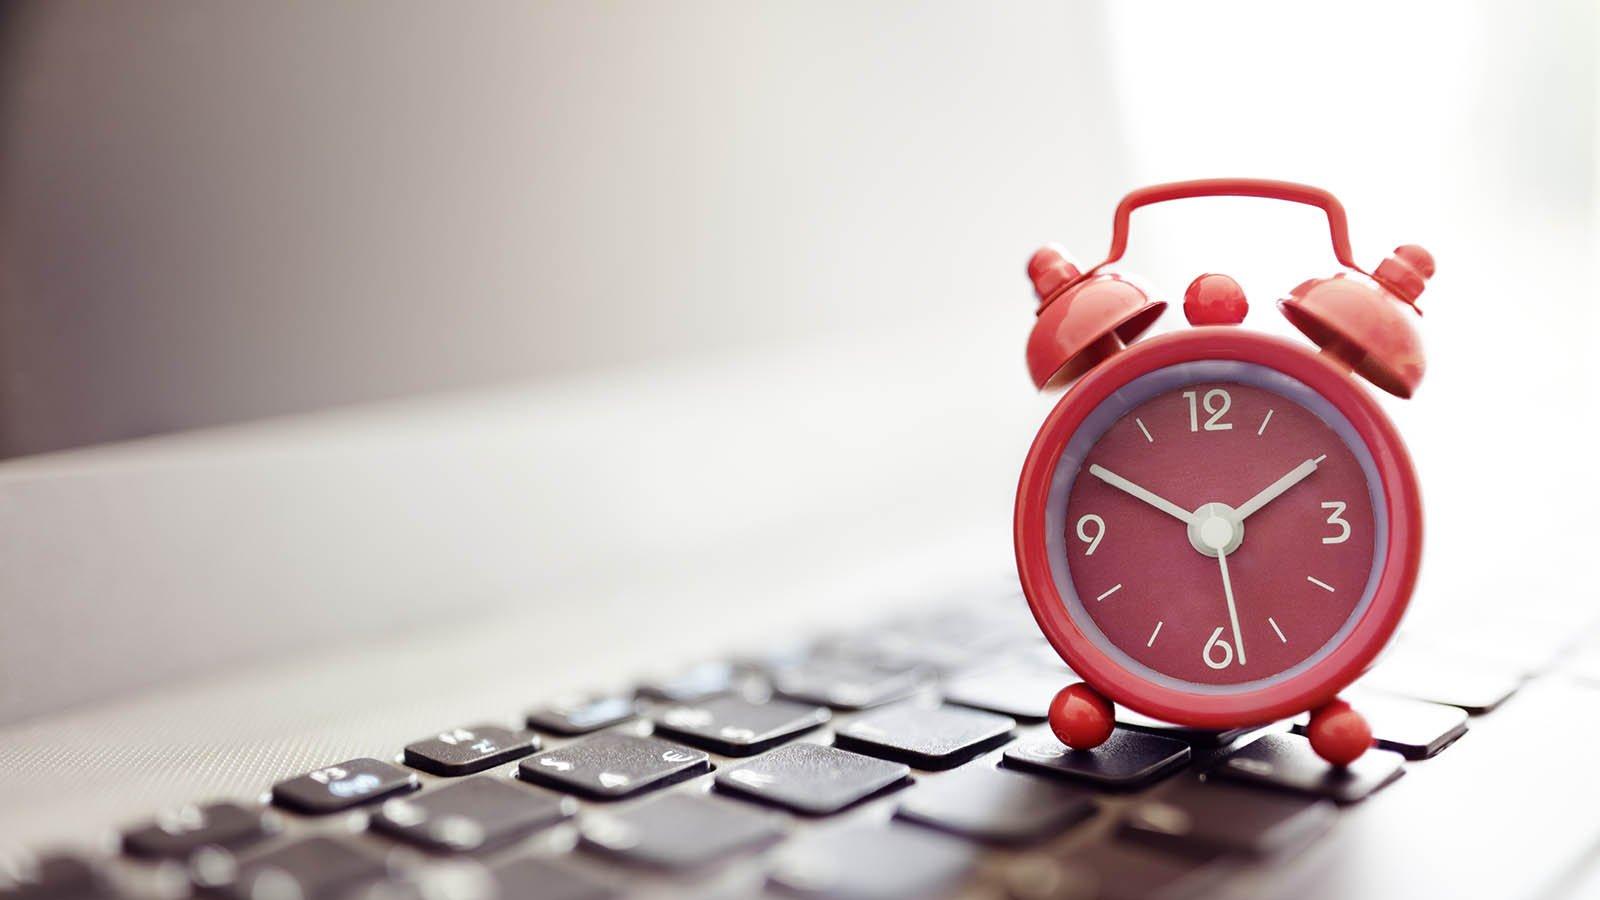 Alarm clock is on a keyboard